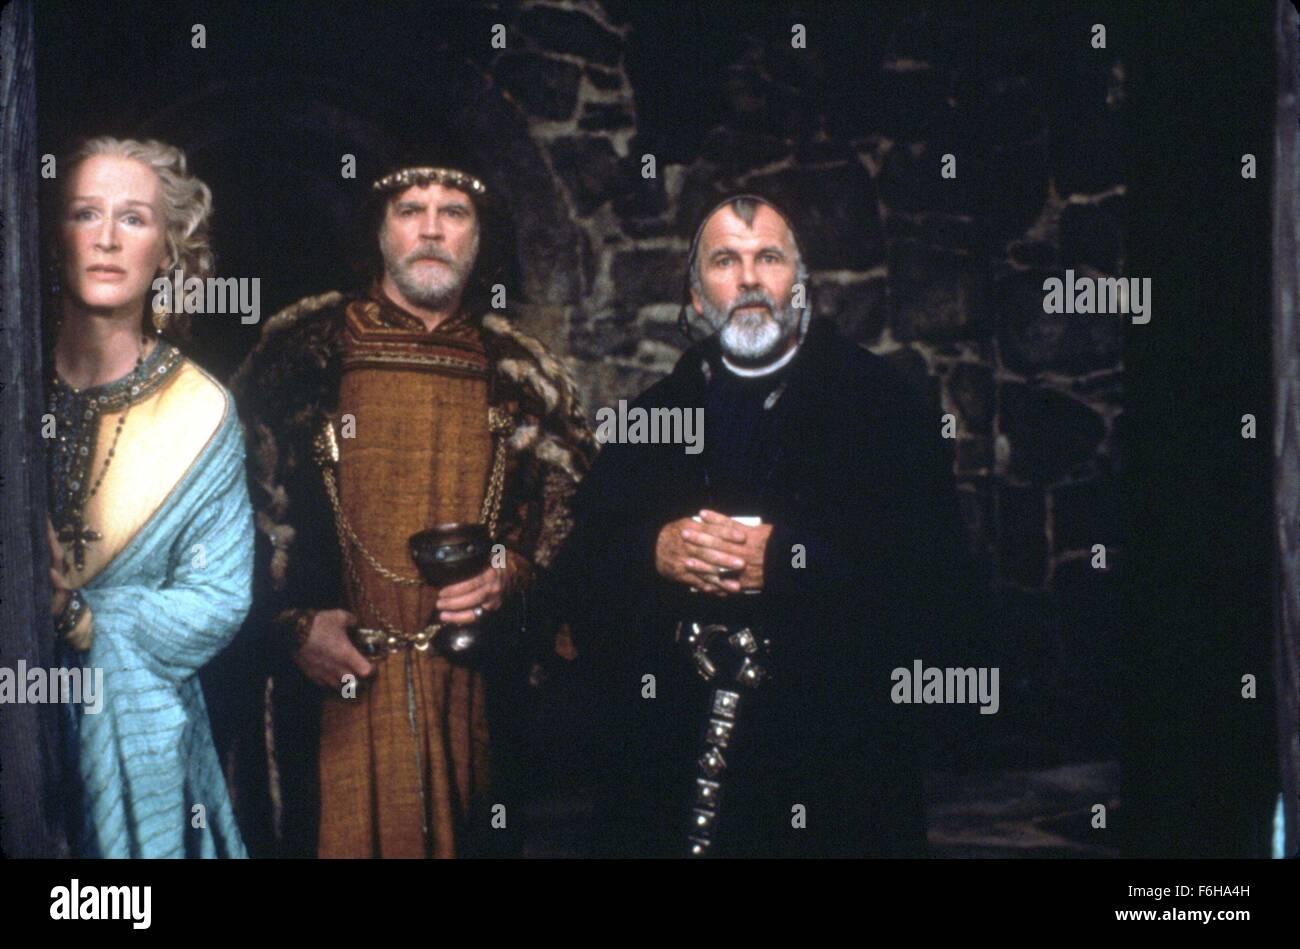 hamlet zeffirelli  RELEASE DATE: Dec 19, 1990 MOVIE TITLE: Hamlet STUDIO: Warner Bros ...